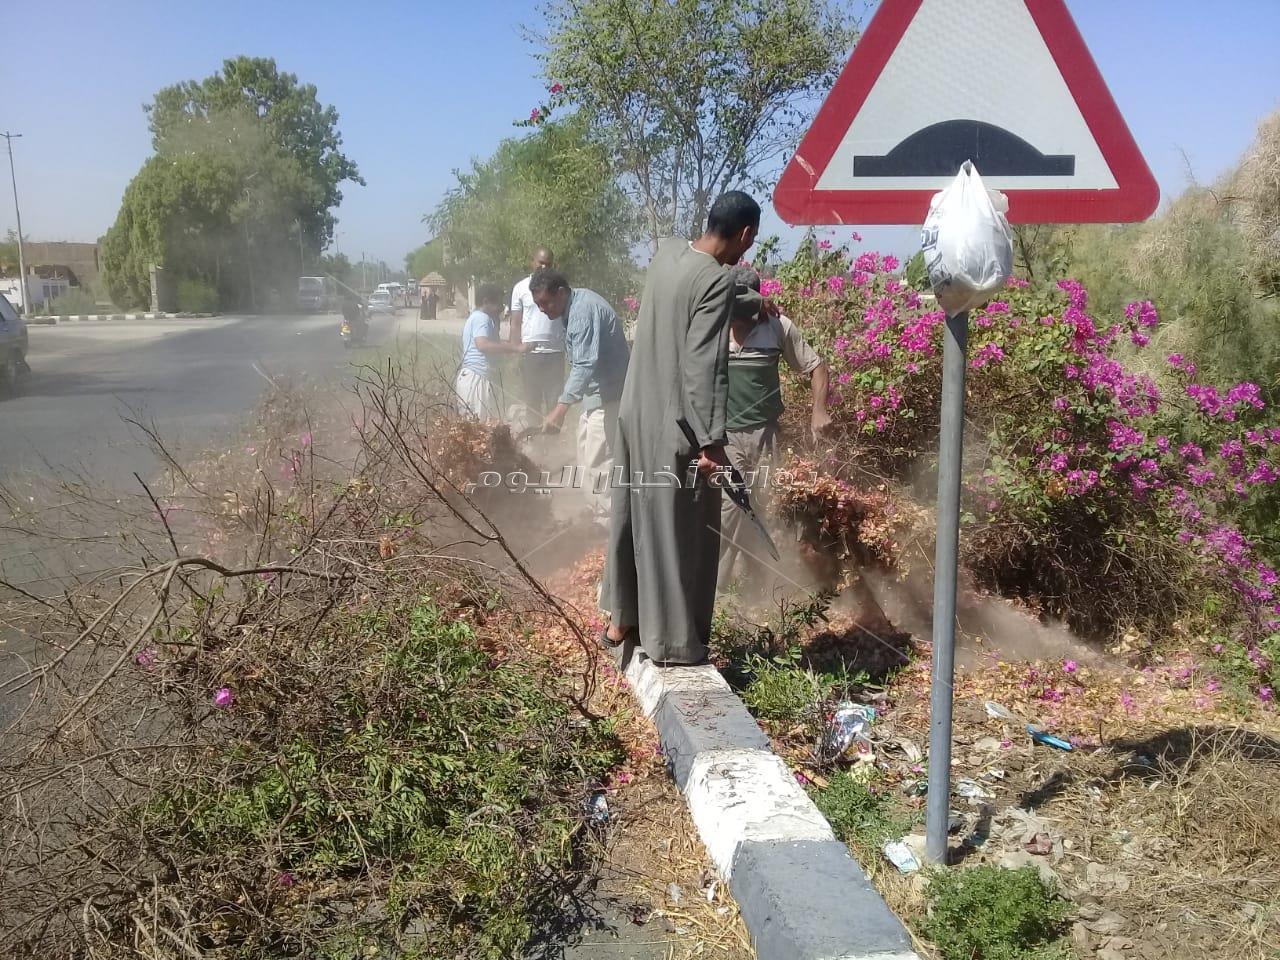 تجميل وتهذيب أشجار طريق القاهرة أسوان عند مدينة الزينية